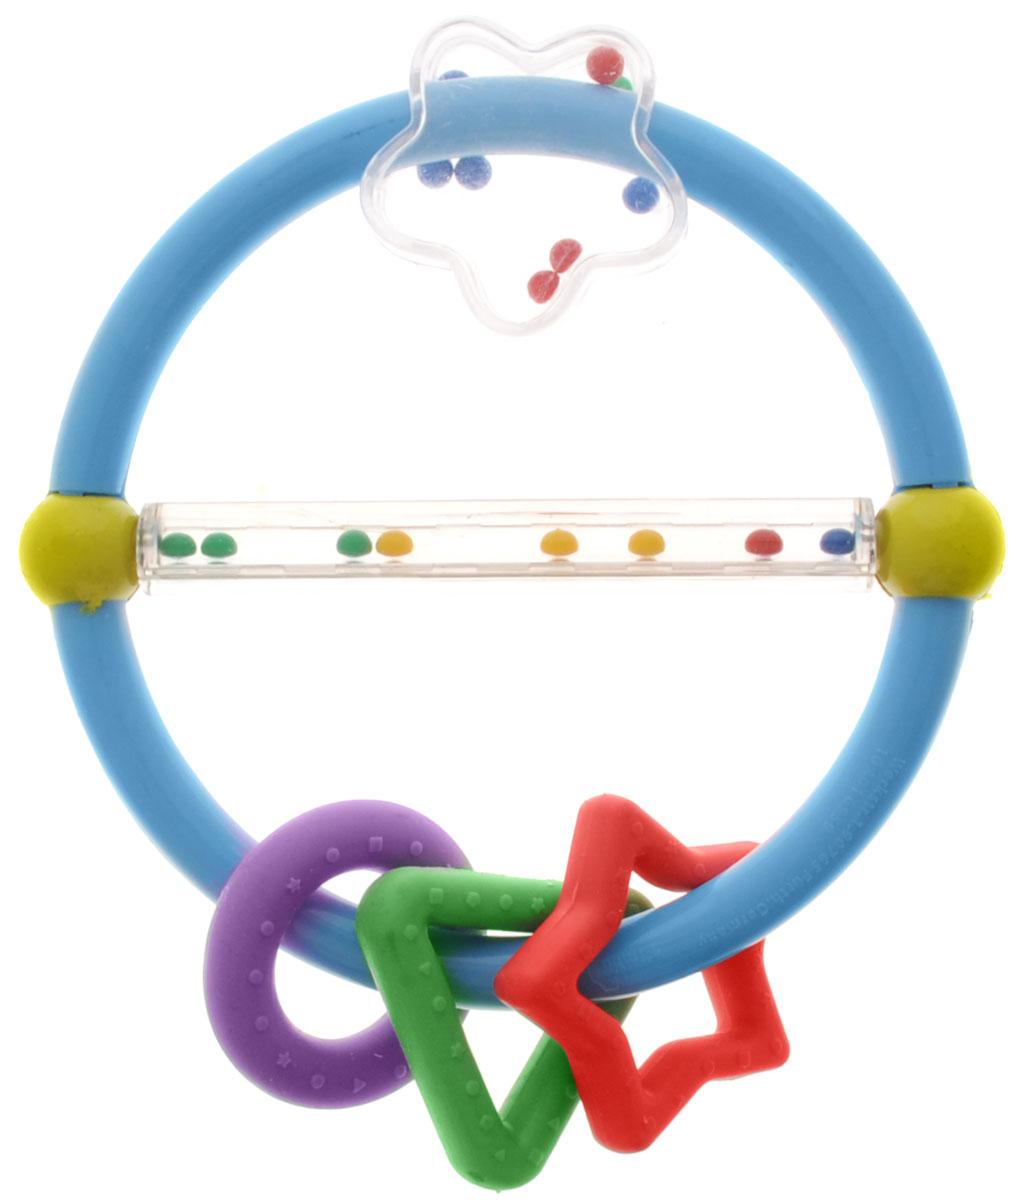 Simba Погремушка с подвесками цвет голубой4016959_голубойПогремушка-прорезыватель привлечет внимание вашего ребенка и надолго останется его любимой игрушкой. Детская погремушка предназначена для детей в возрасте от трех месяцев. Погремушка выполнена в виде кольца, на котором подвешены резиновые фигуры в виде звездочки, кружка и треугольника и прозрачный цветочек. Погремушка разделена прозрачной трубкой с перекатывающимися там цветными шариками. Погремушка выполнена из высококачественного безопасного пластика, поэтому малыш может использовать ее как прорезыватель. В игровой форме малыш ознакомится с такими понятиями, как звук, цвет и форма предмета.